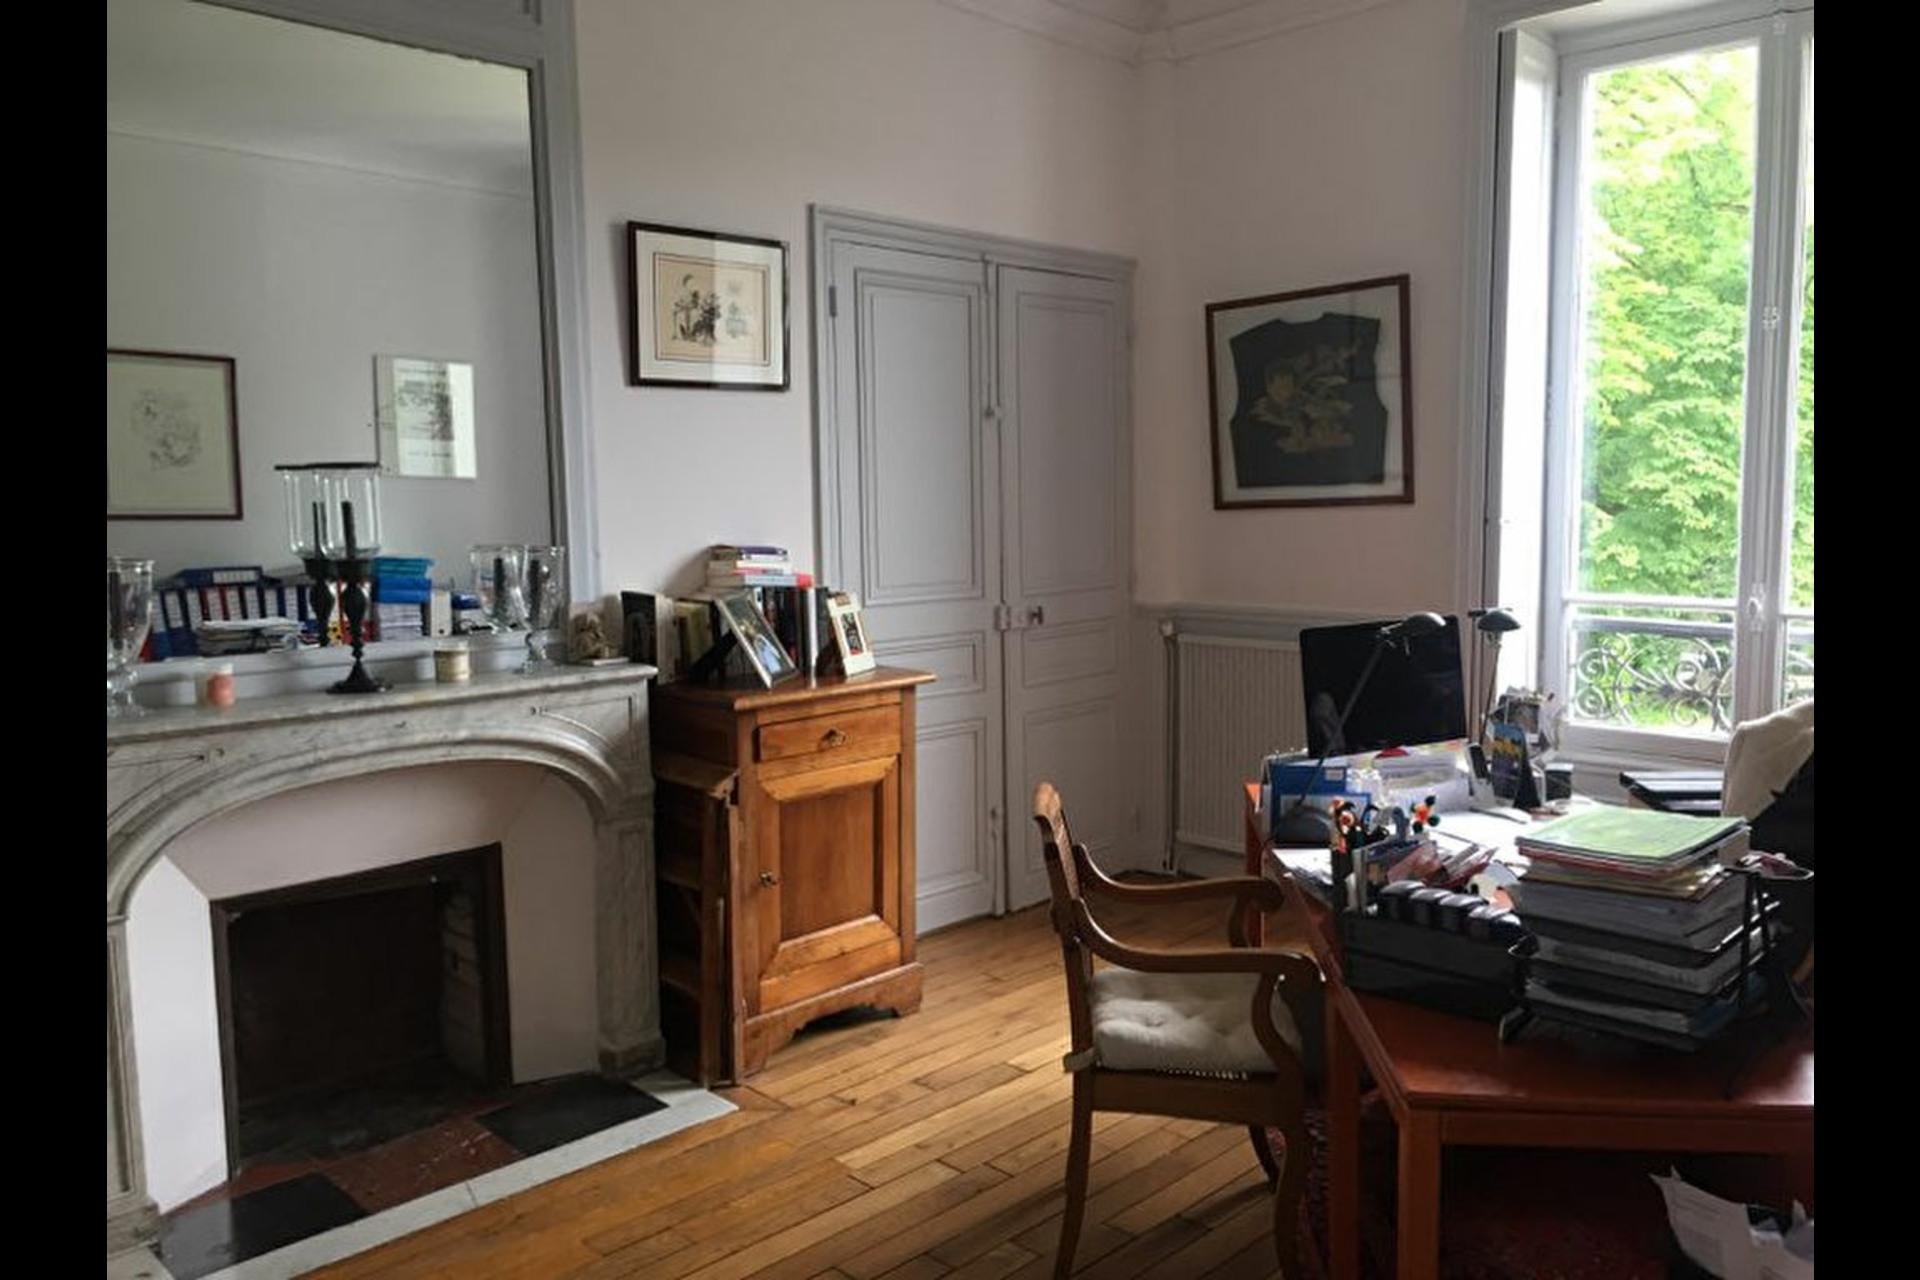 image 7 - Apartment For rent saint germain en laye - 6 rooms